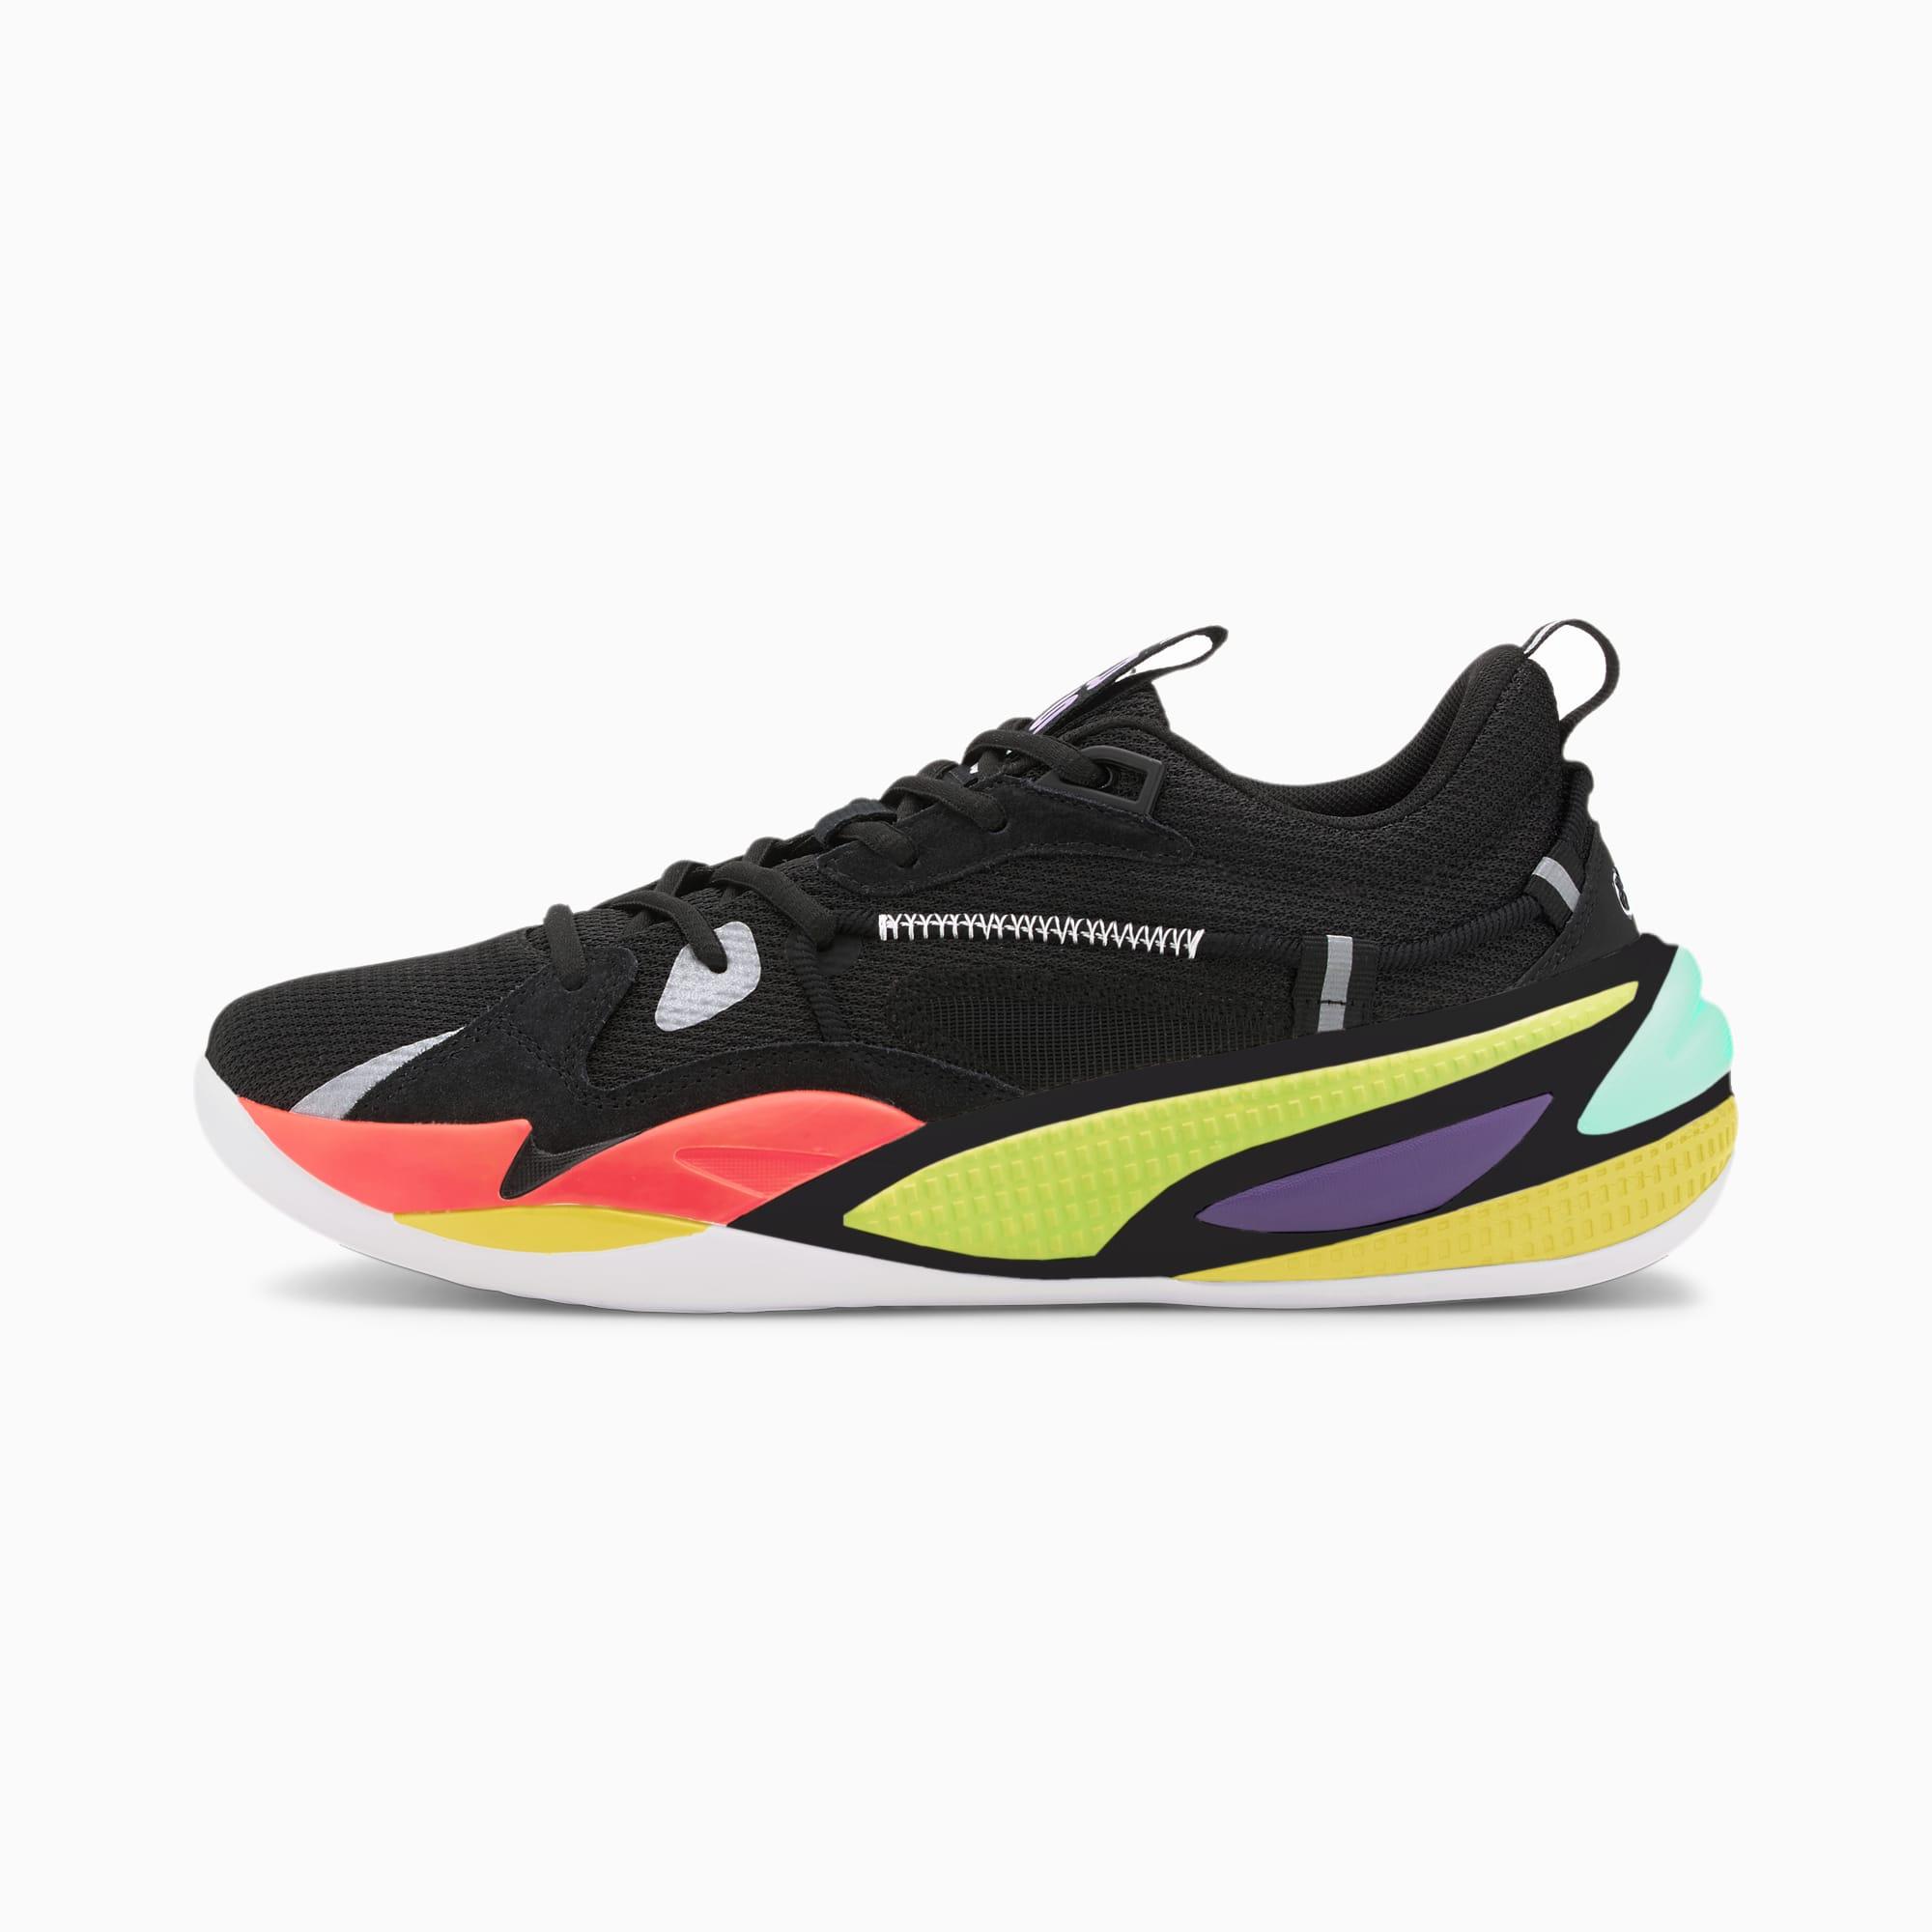 PUMA Chaussure de basket RS-Dreamer Proto, Noir/Rouge, Taille 42.5, Chaussures